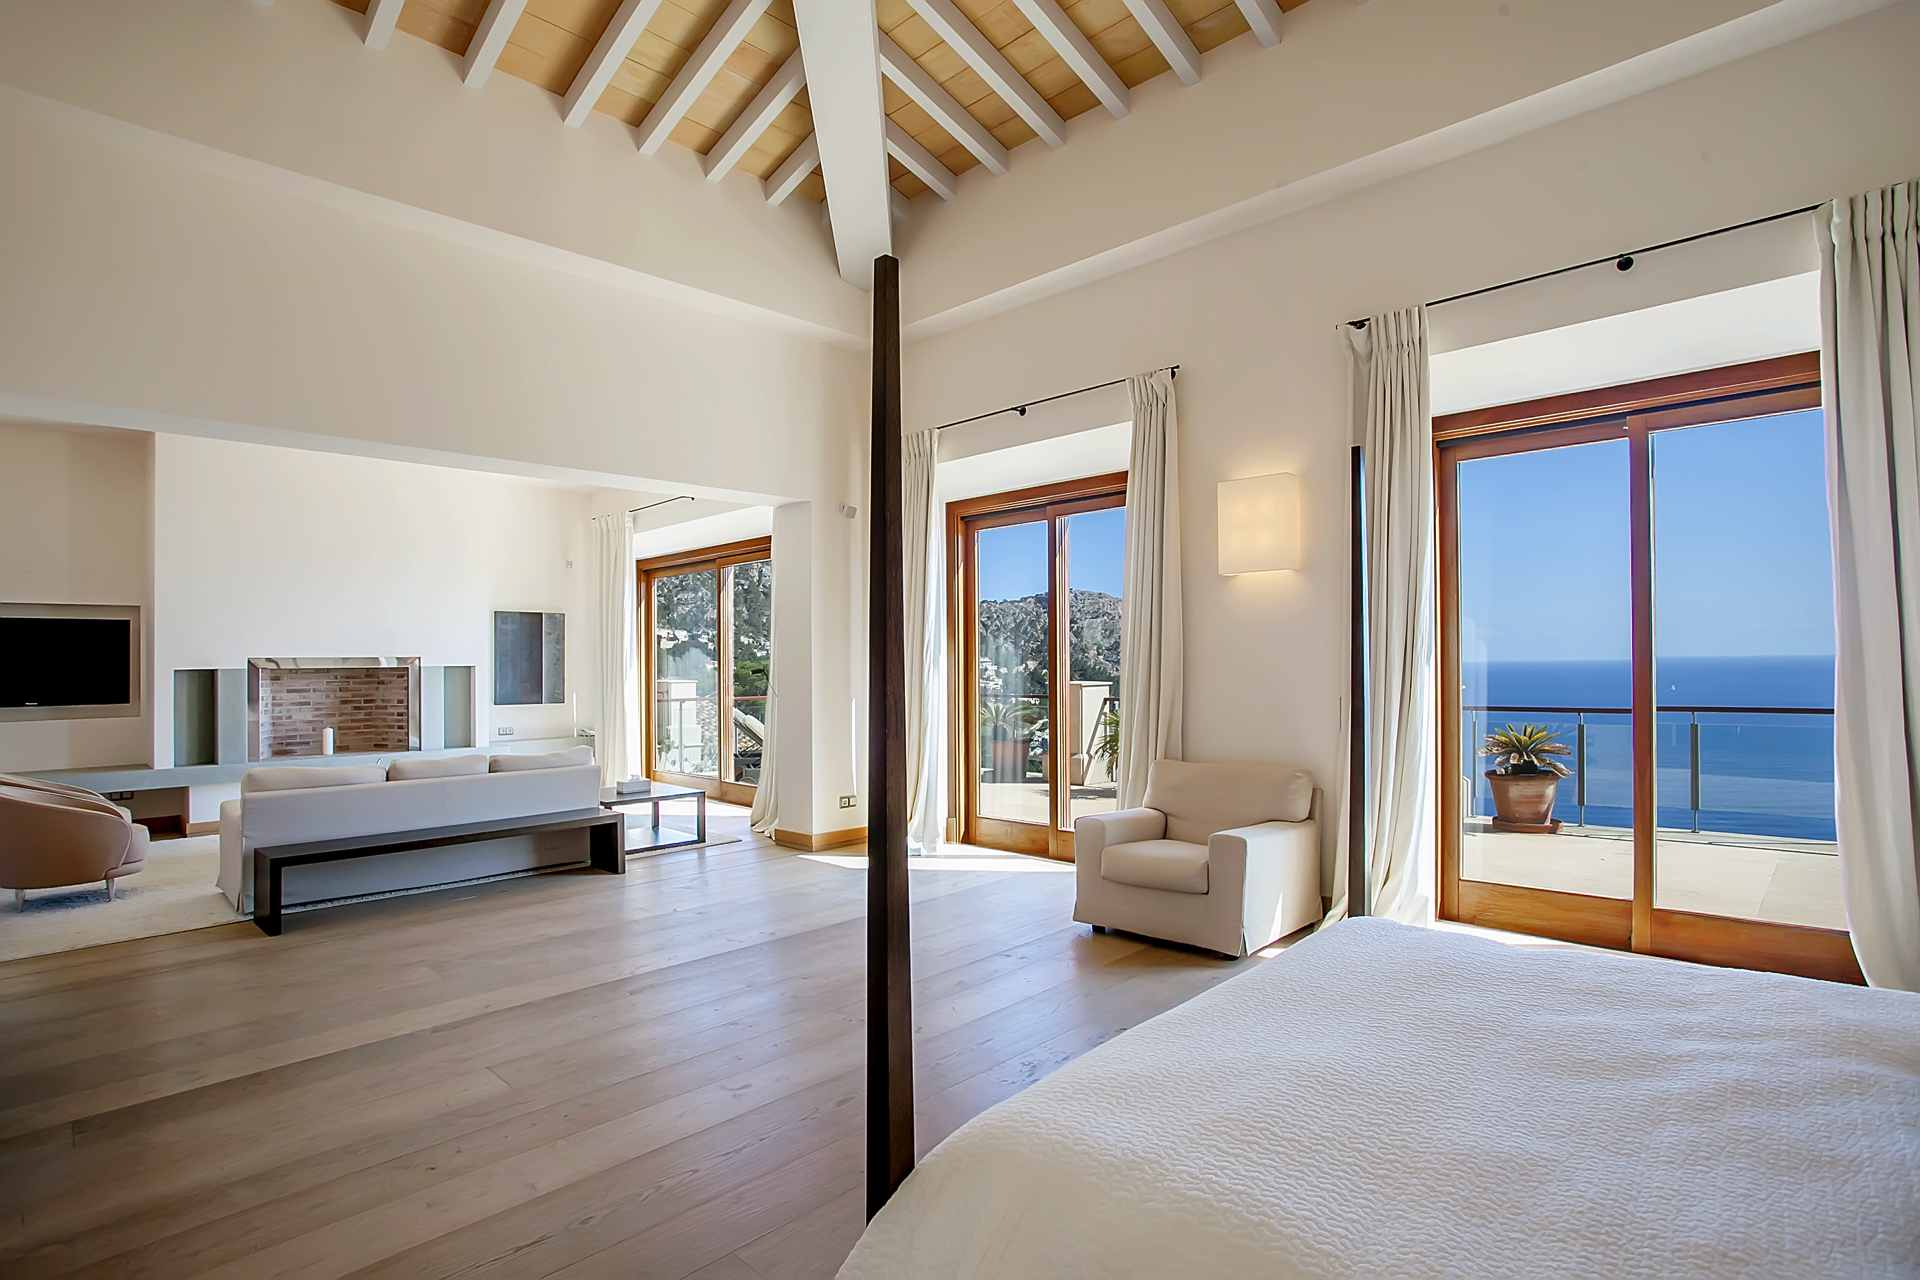 01-268 modern luxury Villa Mallorca southwest Bild 11